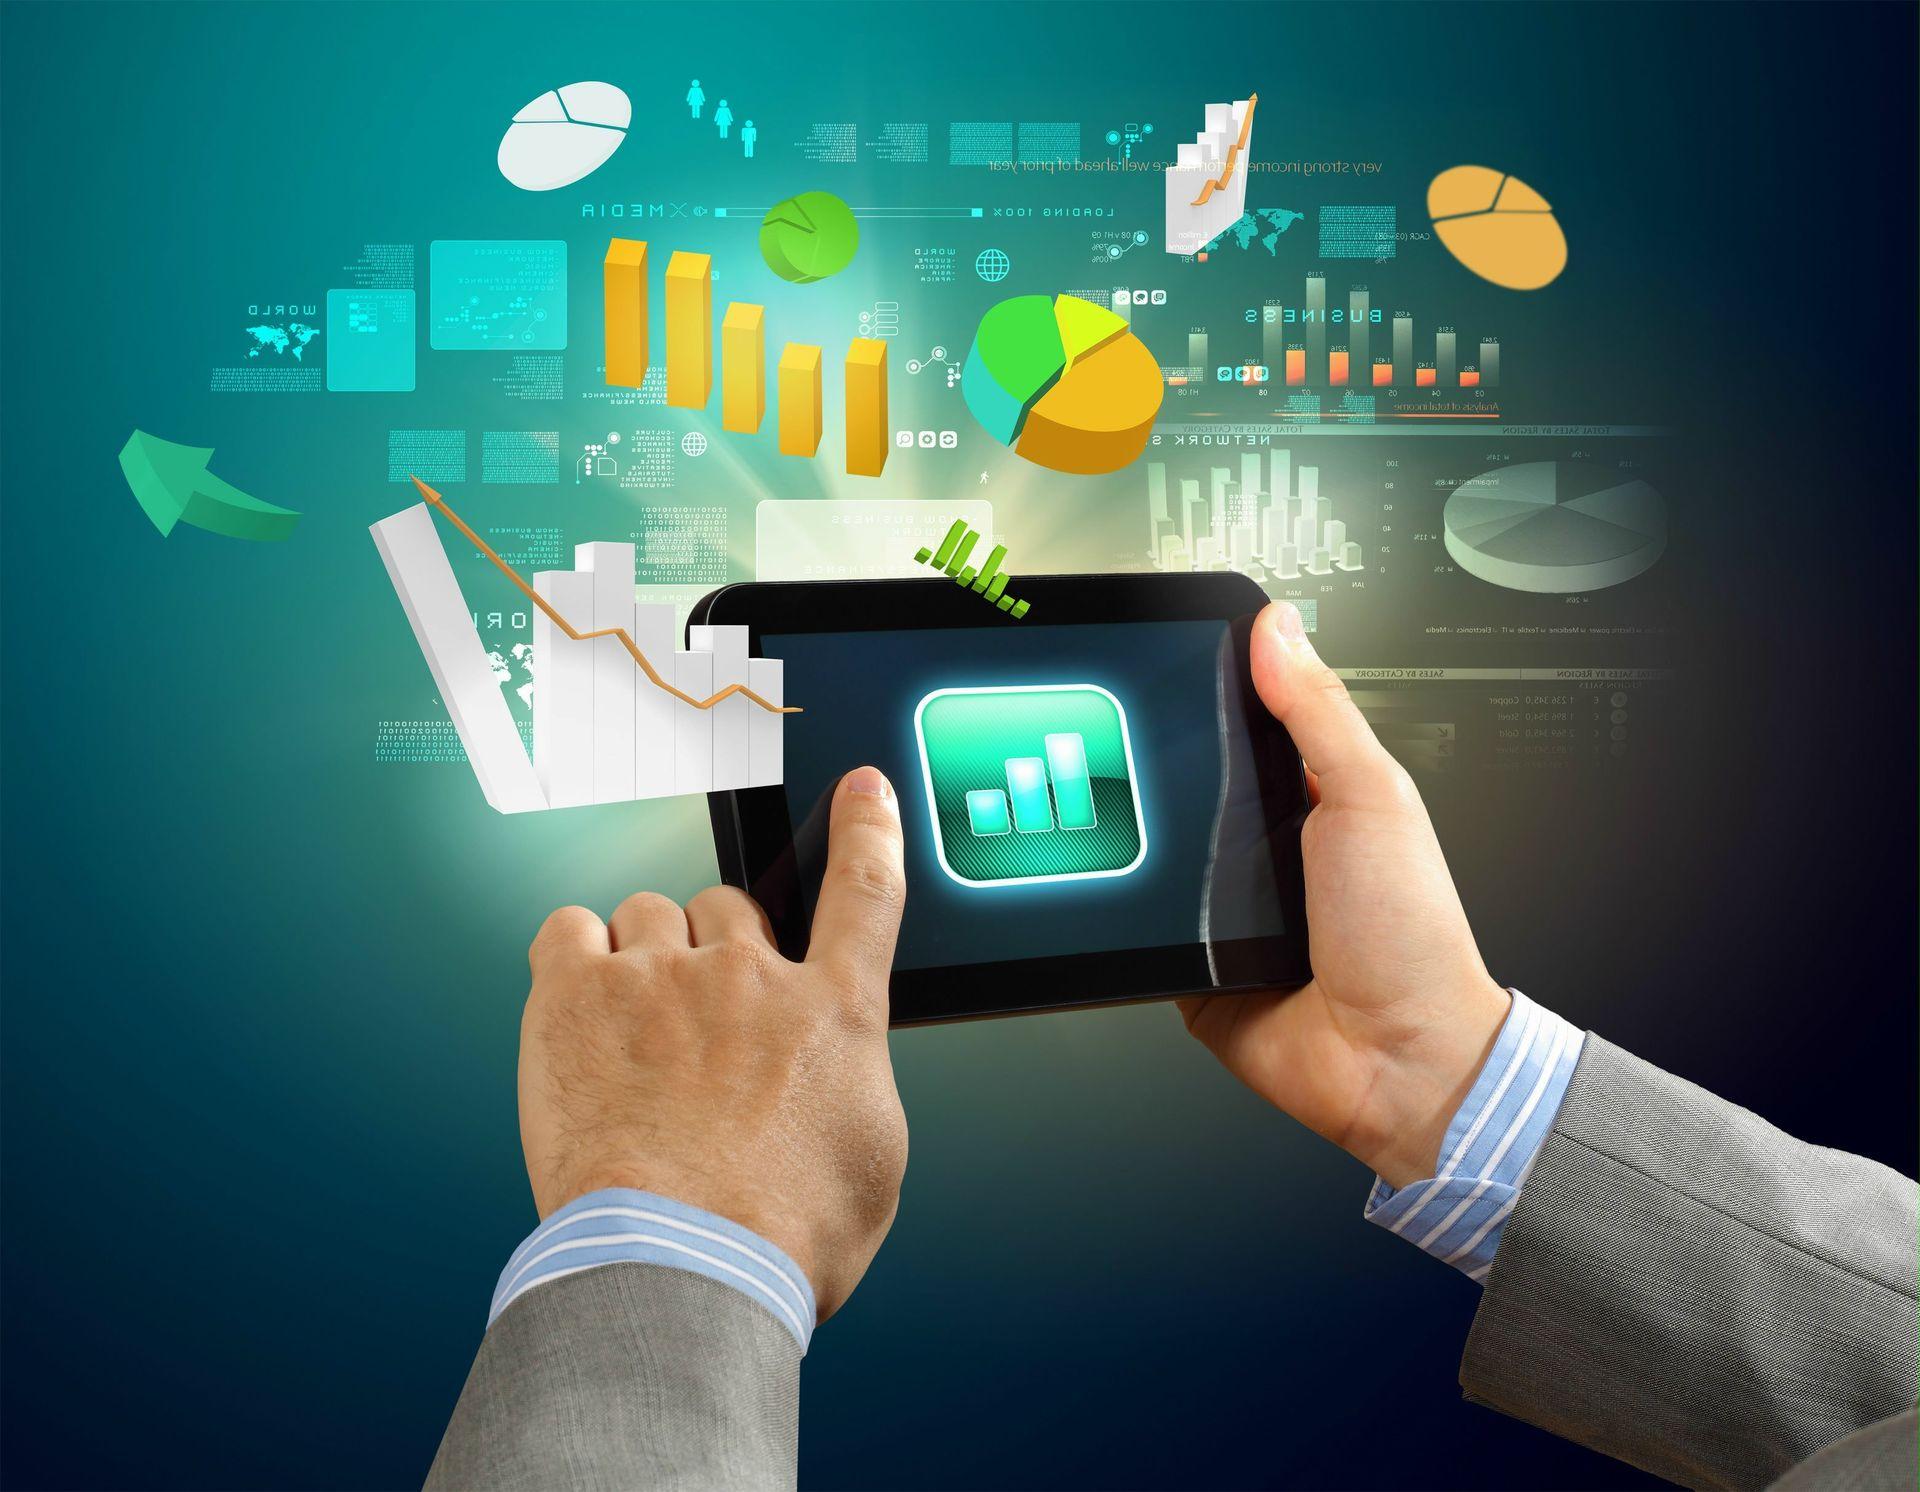 tipos-de-servios-de-marketing-digital-digital-marketing